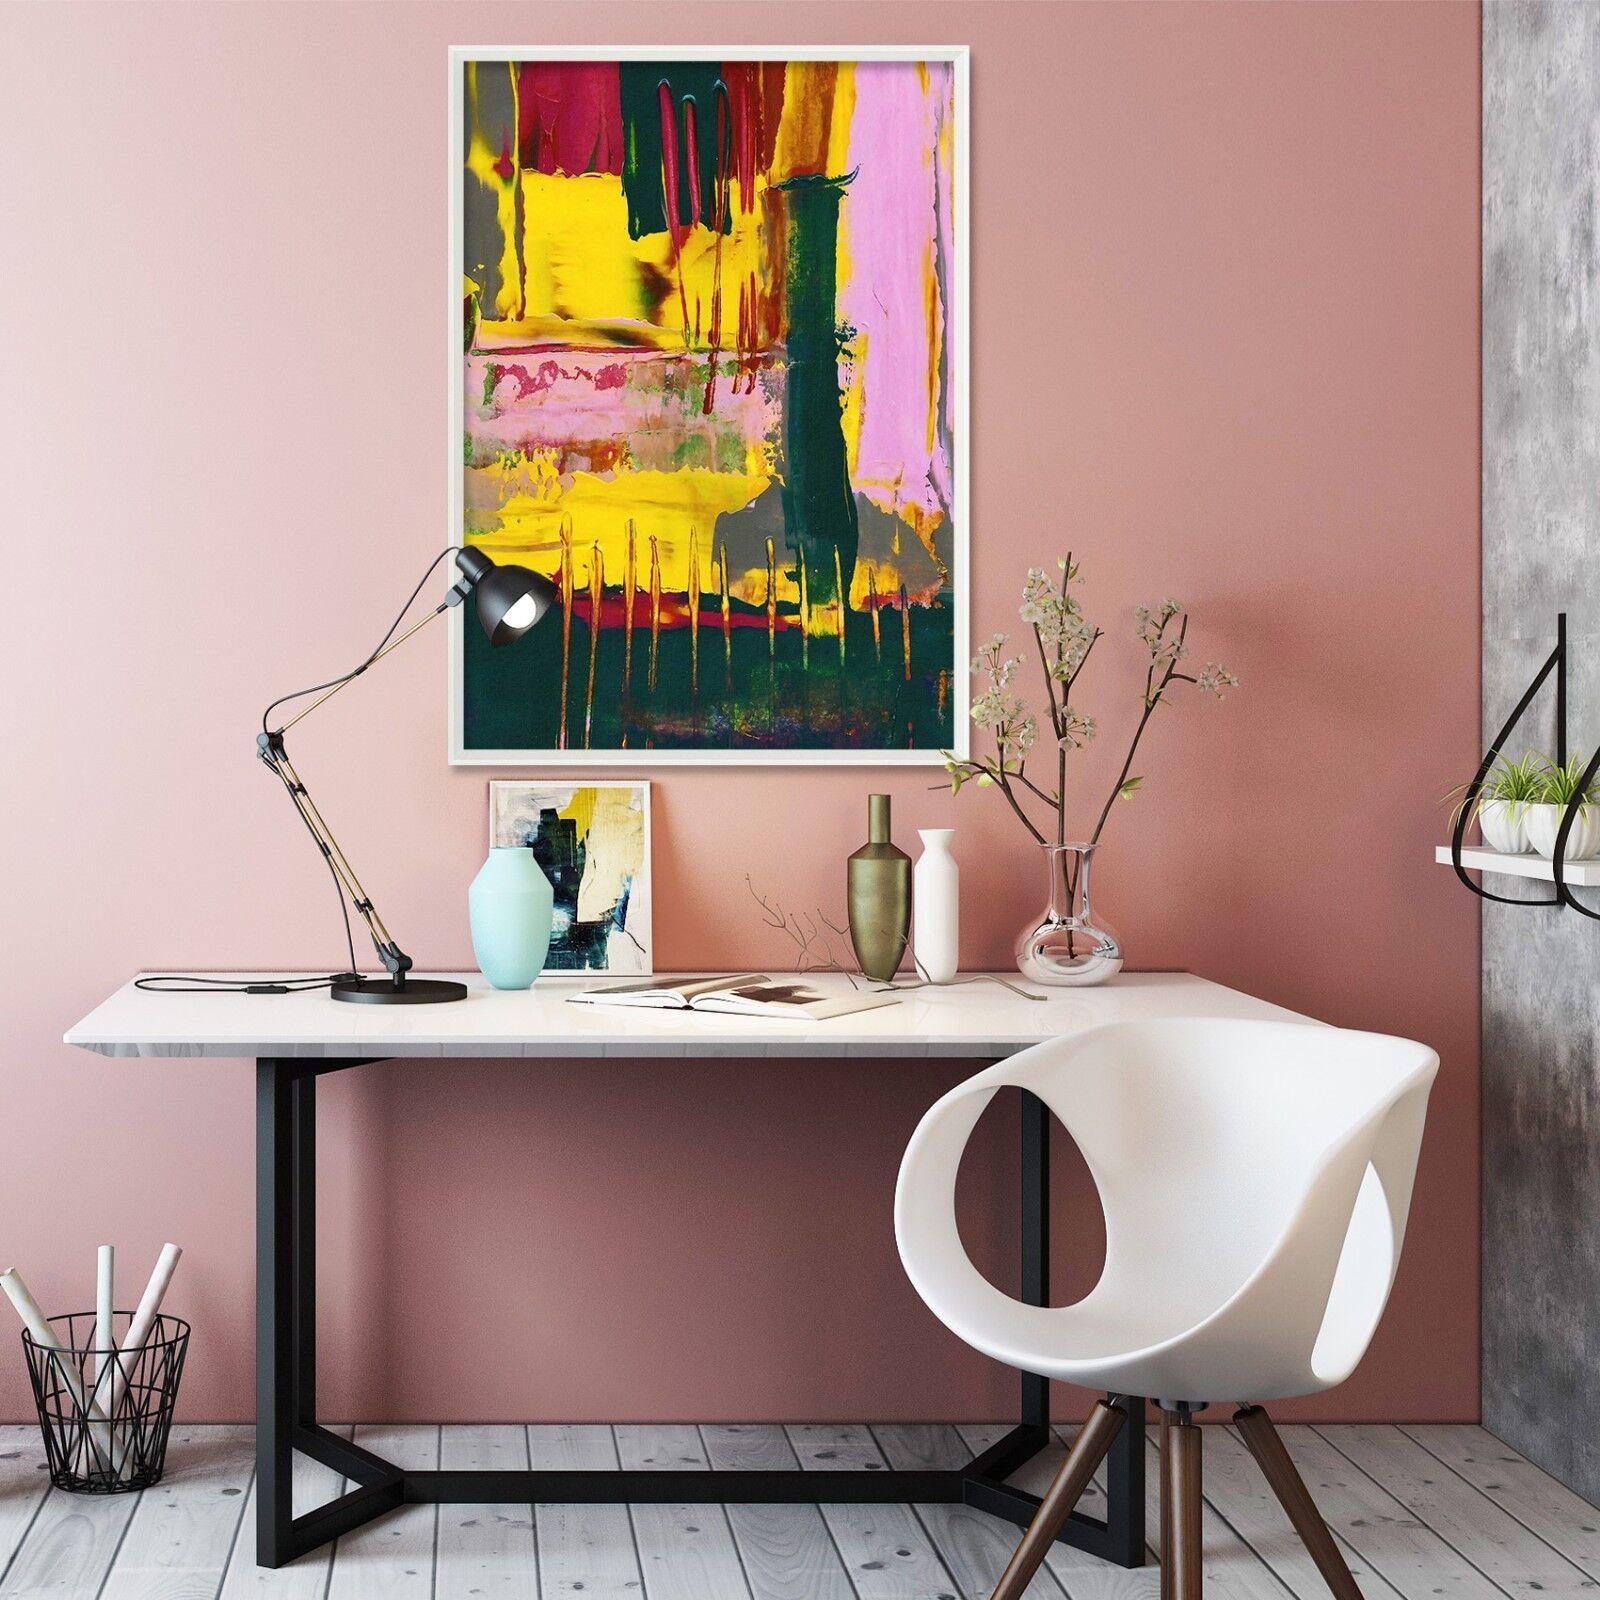 3D Graffiti Abstract 3 Framed Poster Home Decor Drucken Painting Kunst AJ WandPapier